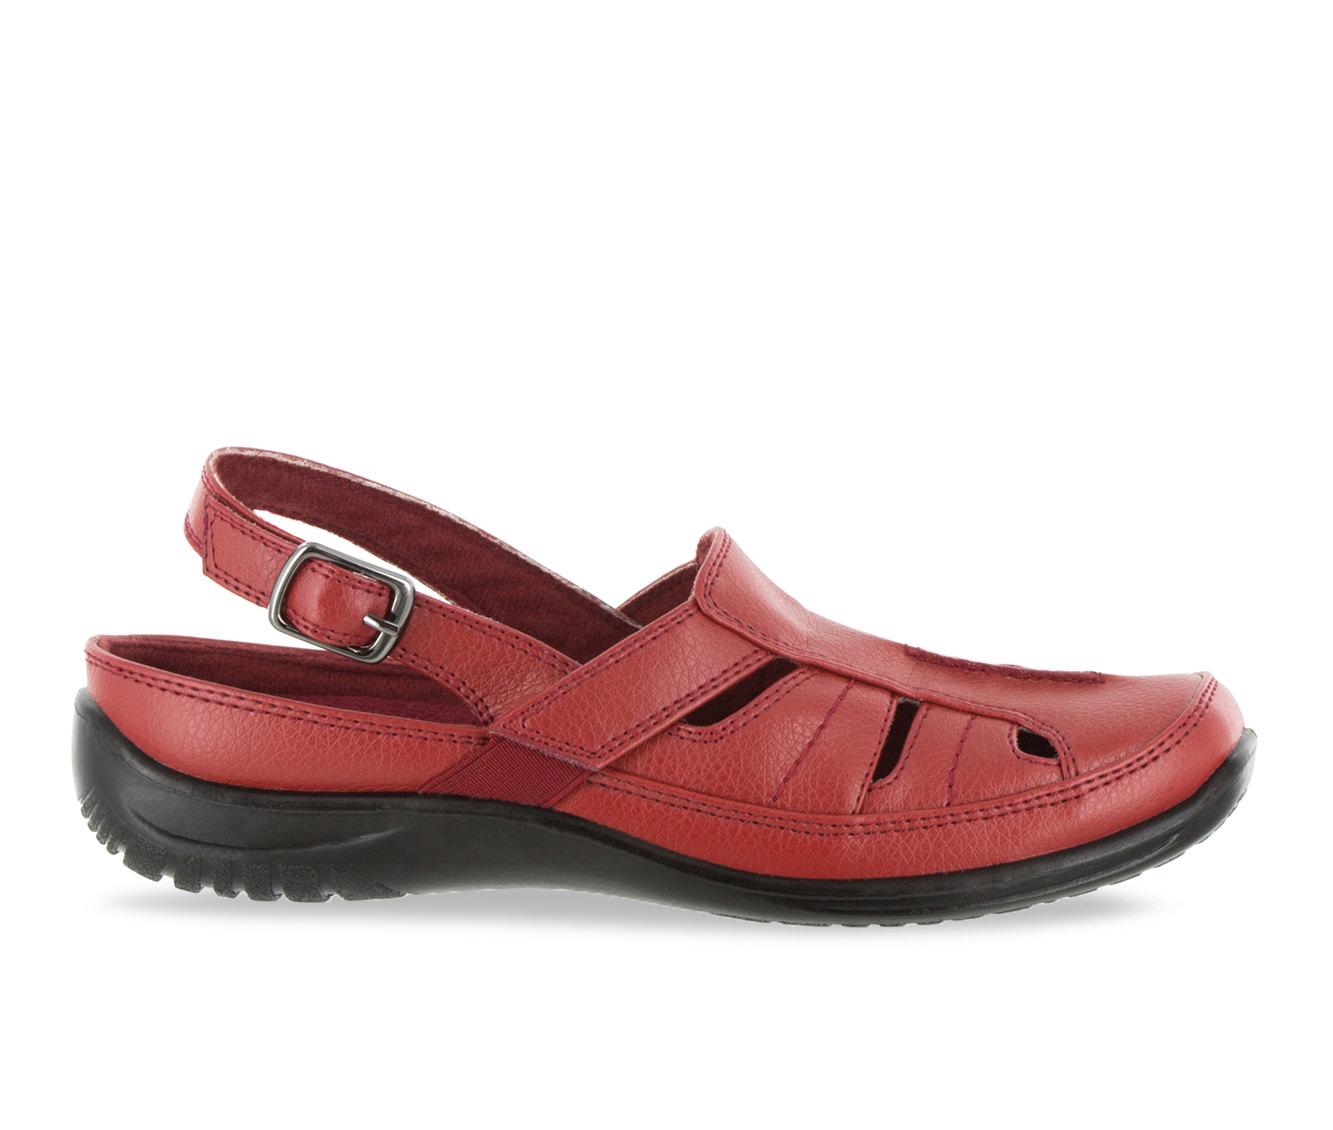 Easy Street Splendid Women's Shoe (Red Faux Leather)